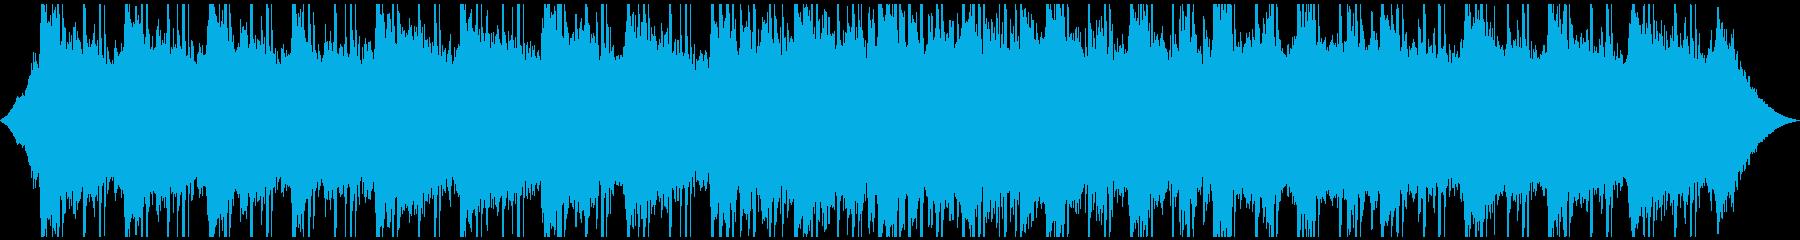 ポップ ロック アンビエント ほの...の再生済みの波形